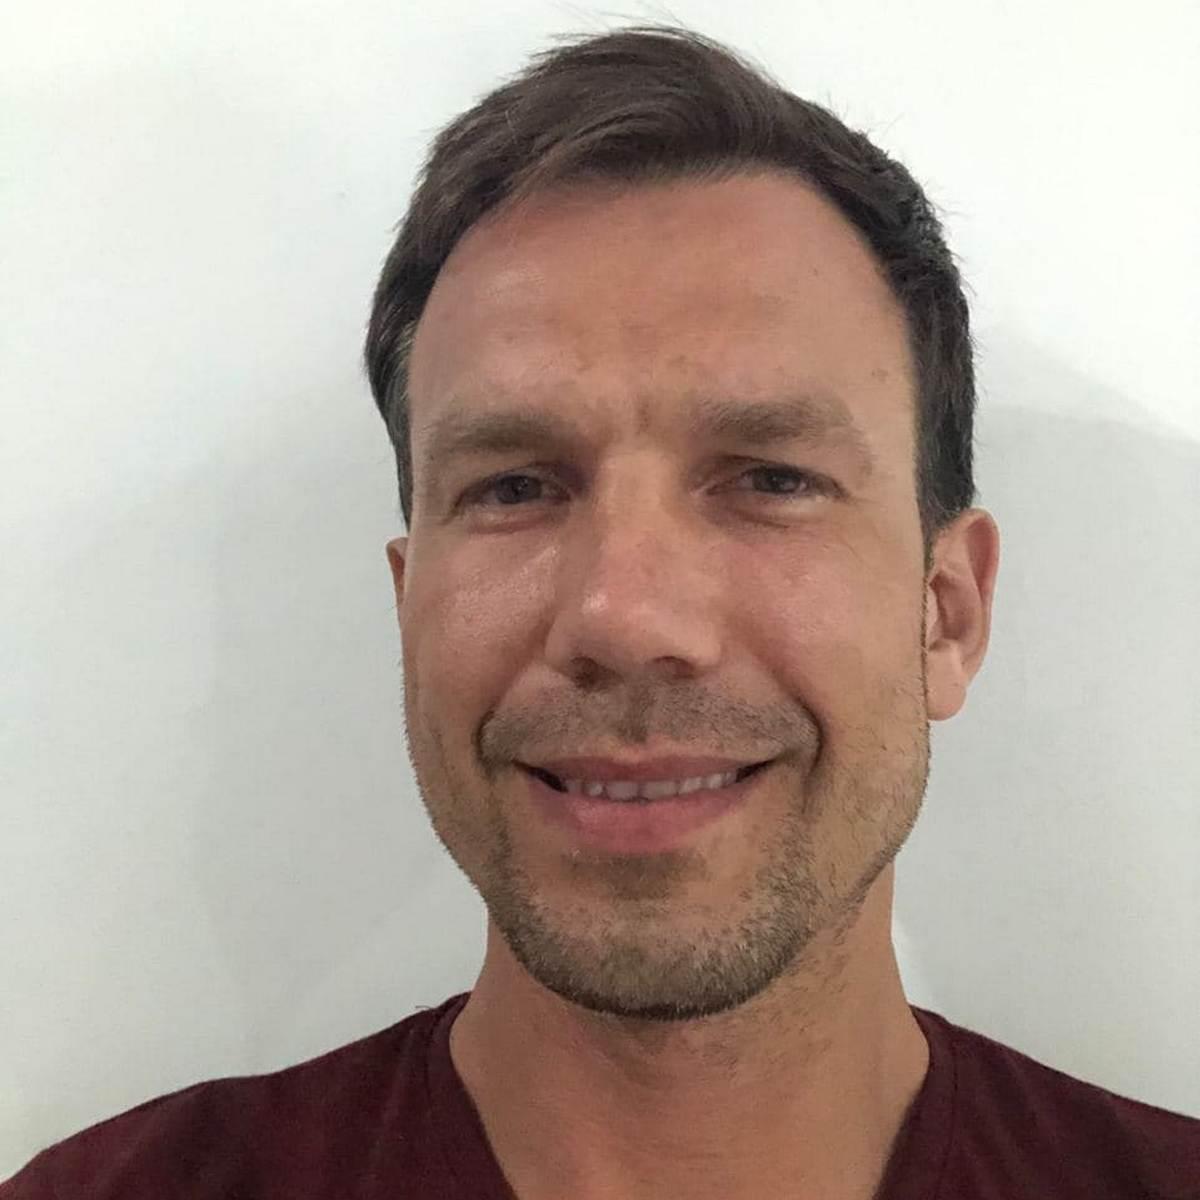 Сергій Грибовський, засновник стоматологічної компанії Smile Energy Group, Львів